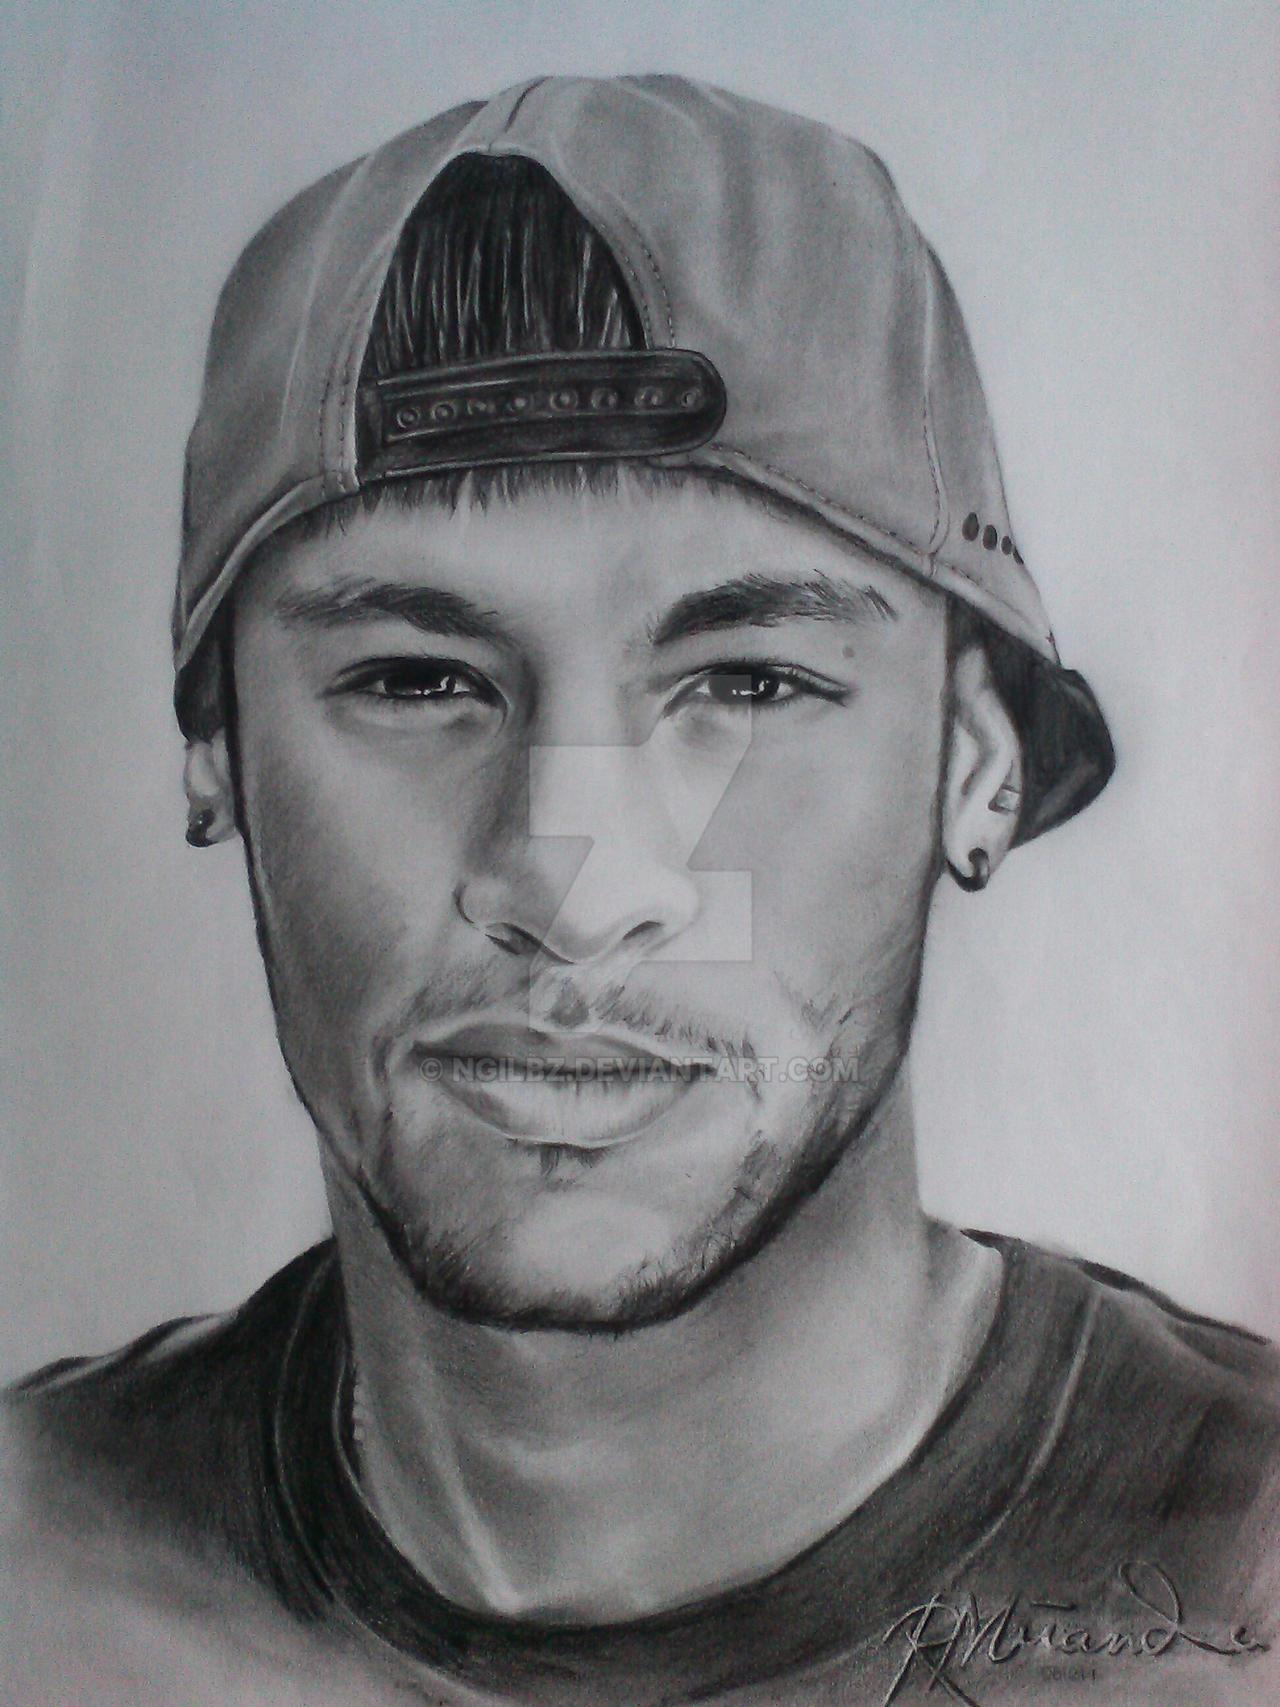 Neymar jr by ngilbz neymar jr by ngilbz